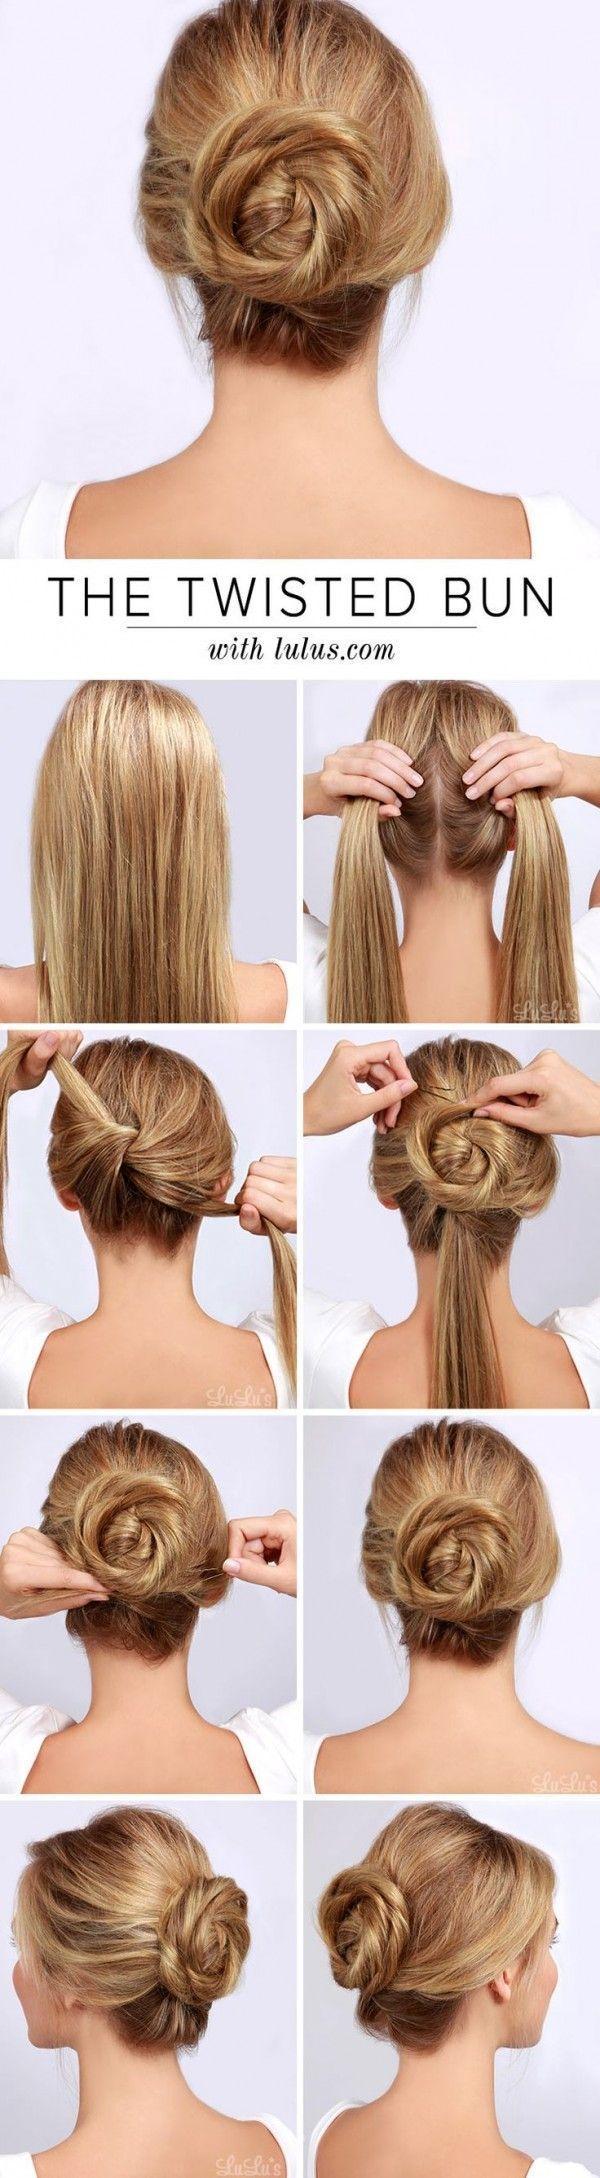 50 plus belles coiffures toutes les femmes aimeront - #aimeront #belles #coiffures #femmes #toutes -